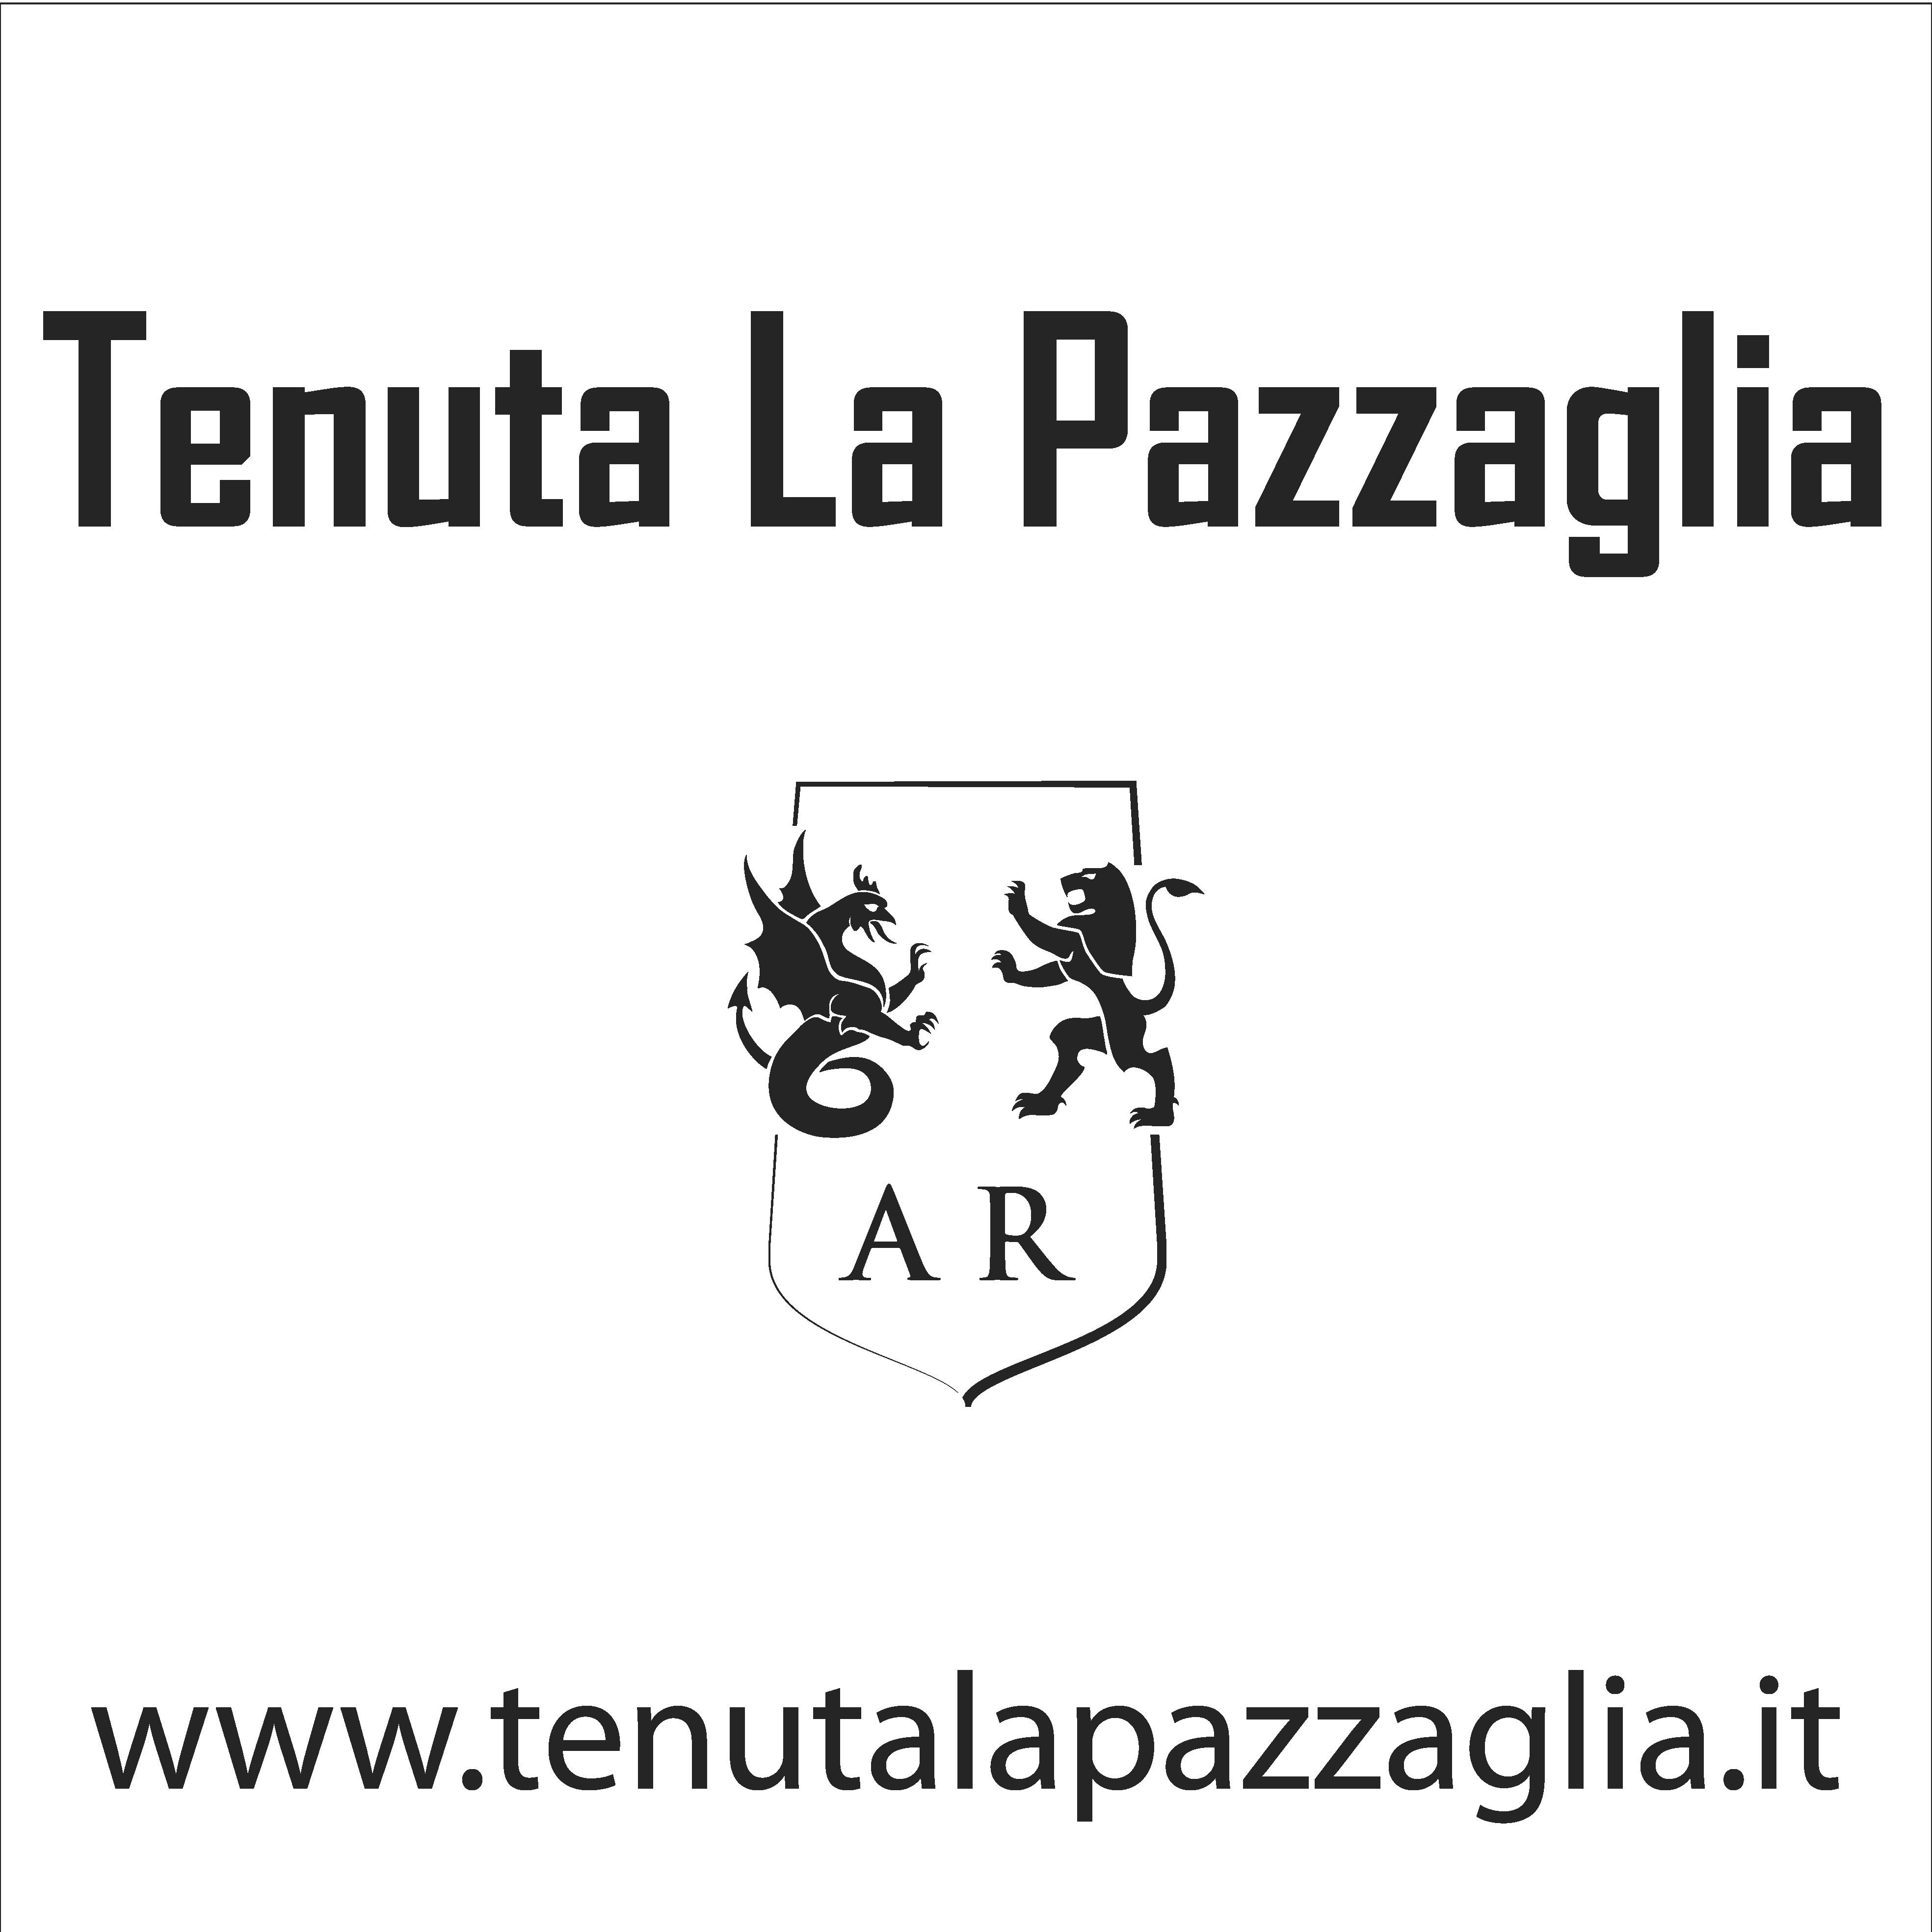 Tenuta La Pazzaglia